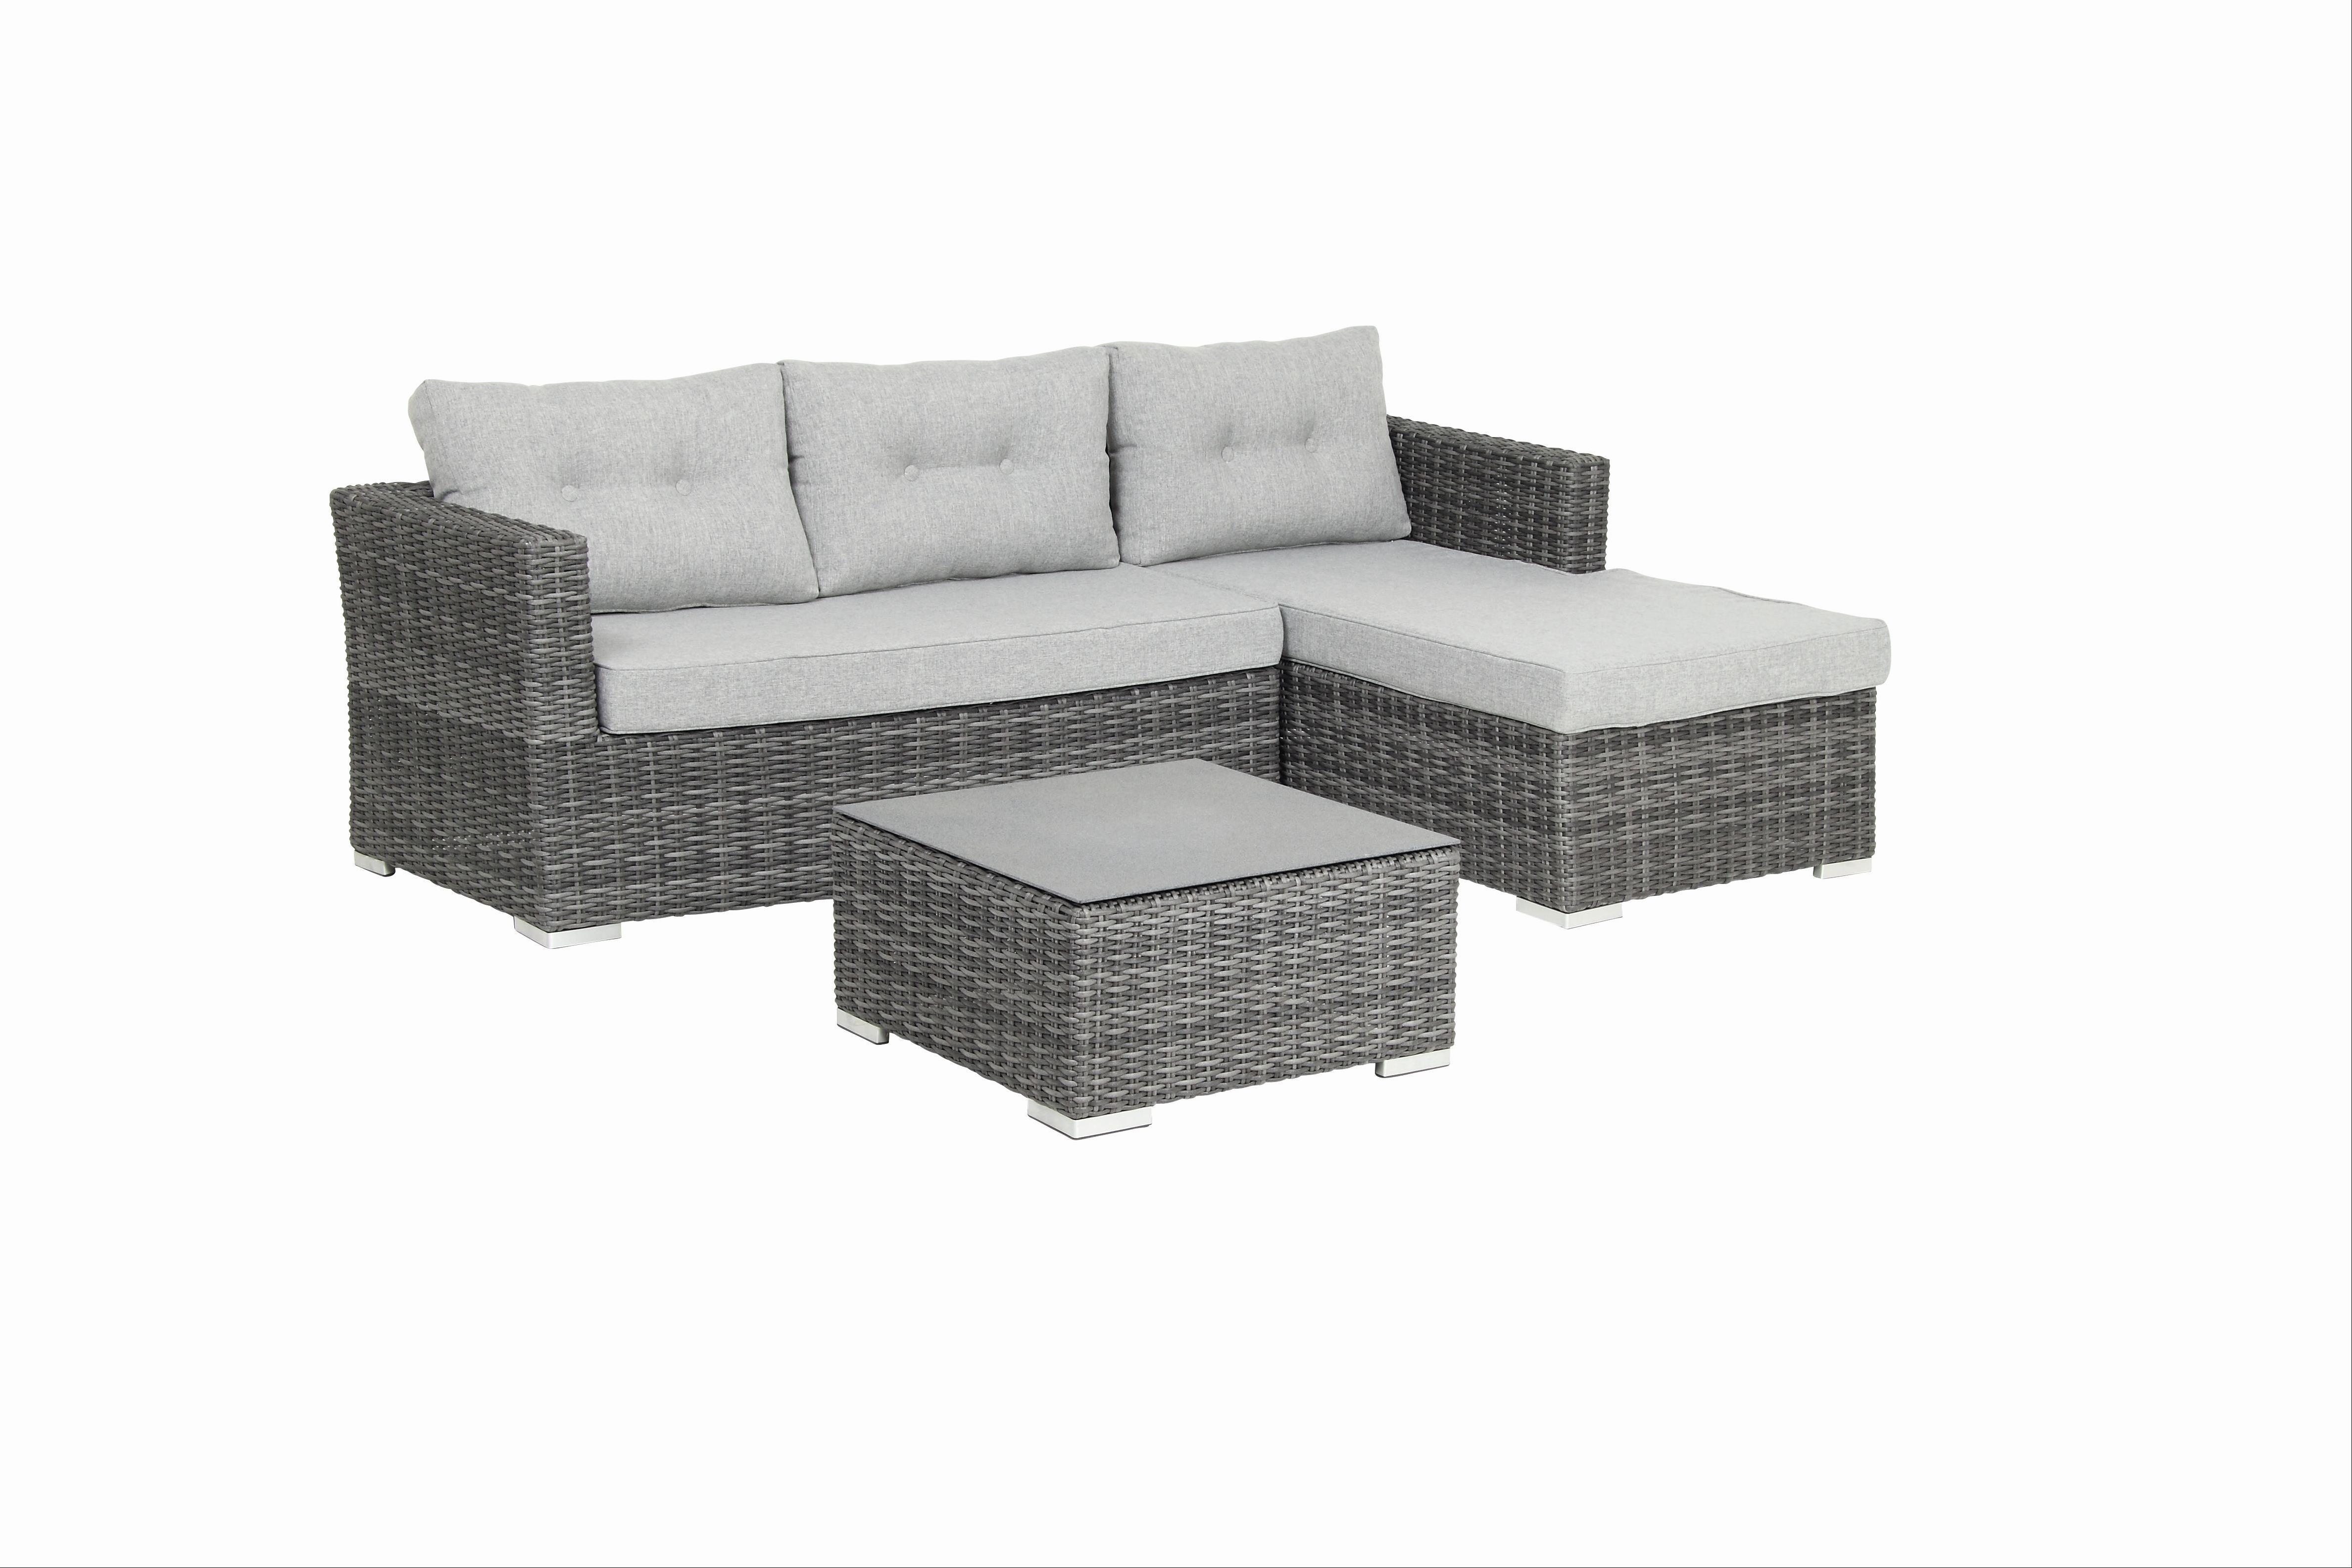 gartenmbel 3 teilig gartenmbel aluminium holz nach gartenmbel set teilig beste dining lounge. Black Bedroom Furniture Sets. Home Design Ideas